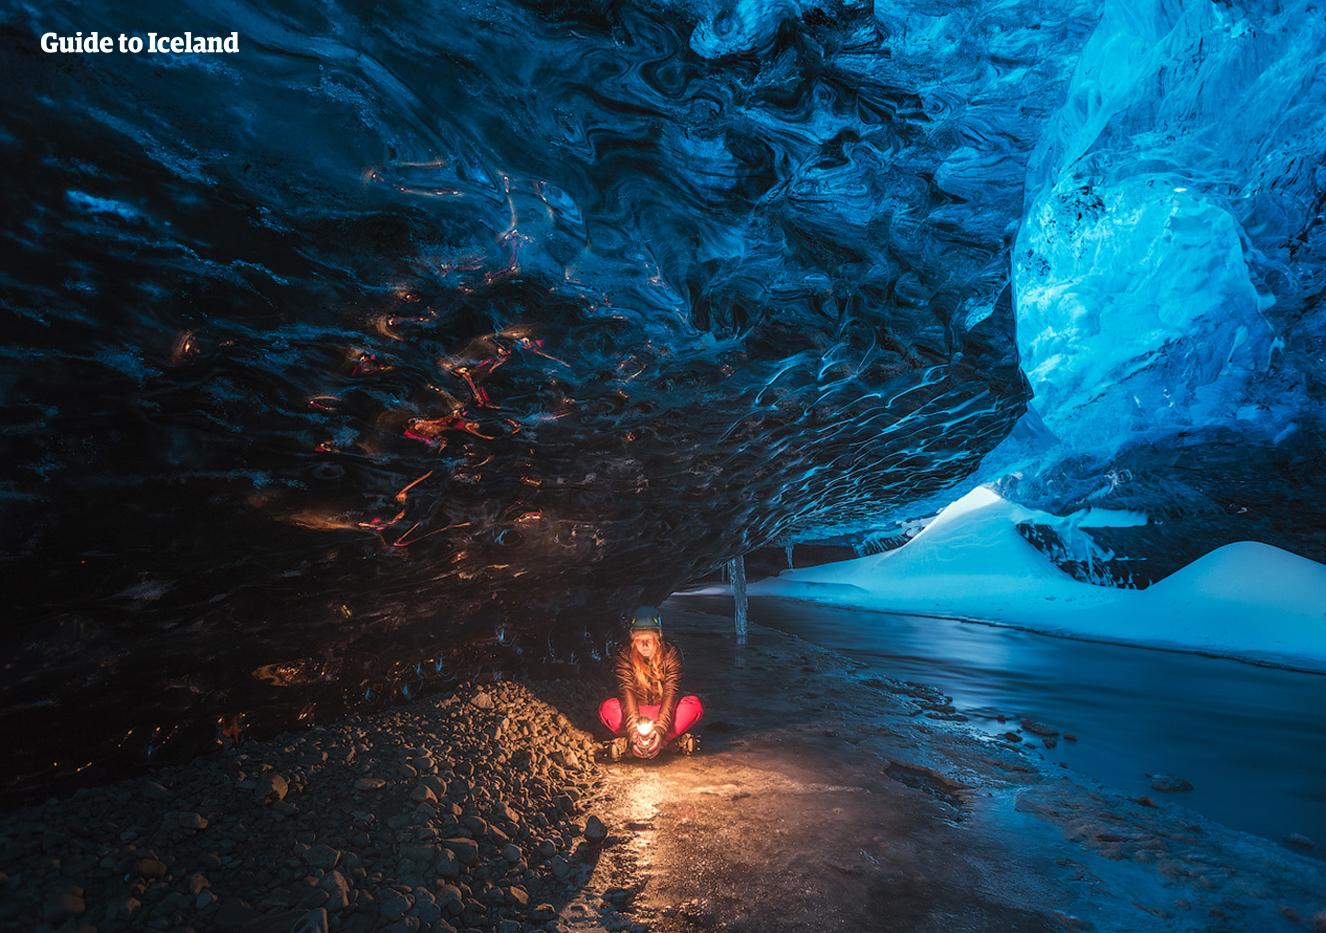 冰岛冬季五日自由行|蓝冰洞-极光-蓝湖-黄金圈-冰河湖